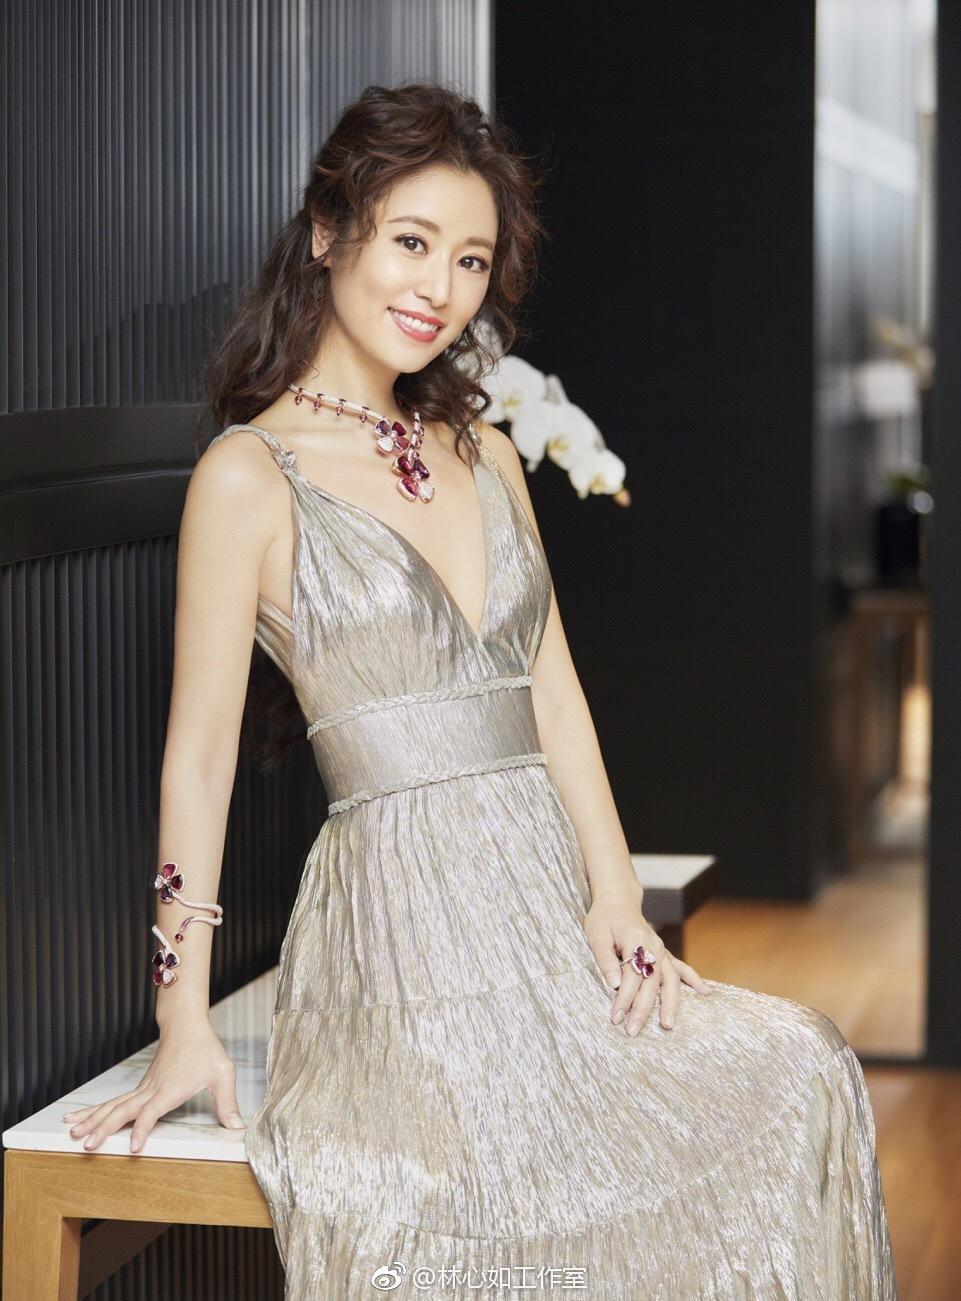 43岁林心如换新发型,公主卷发造型搭配连衣裙,优雅大气又减龄